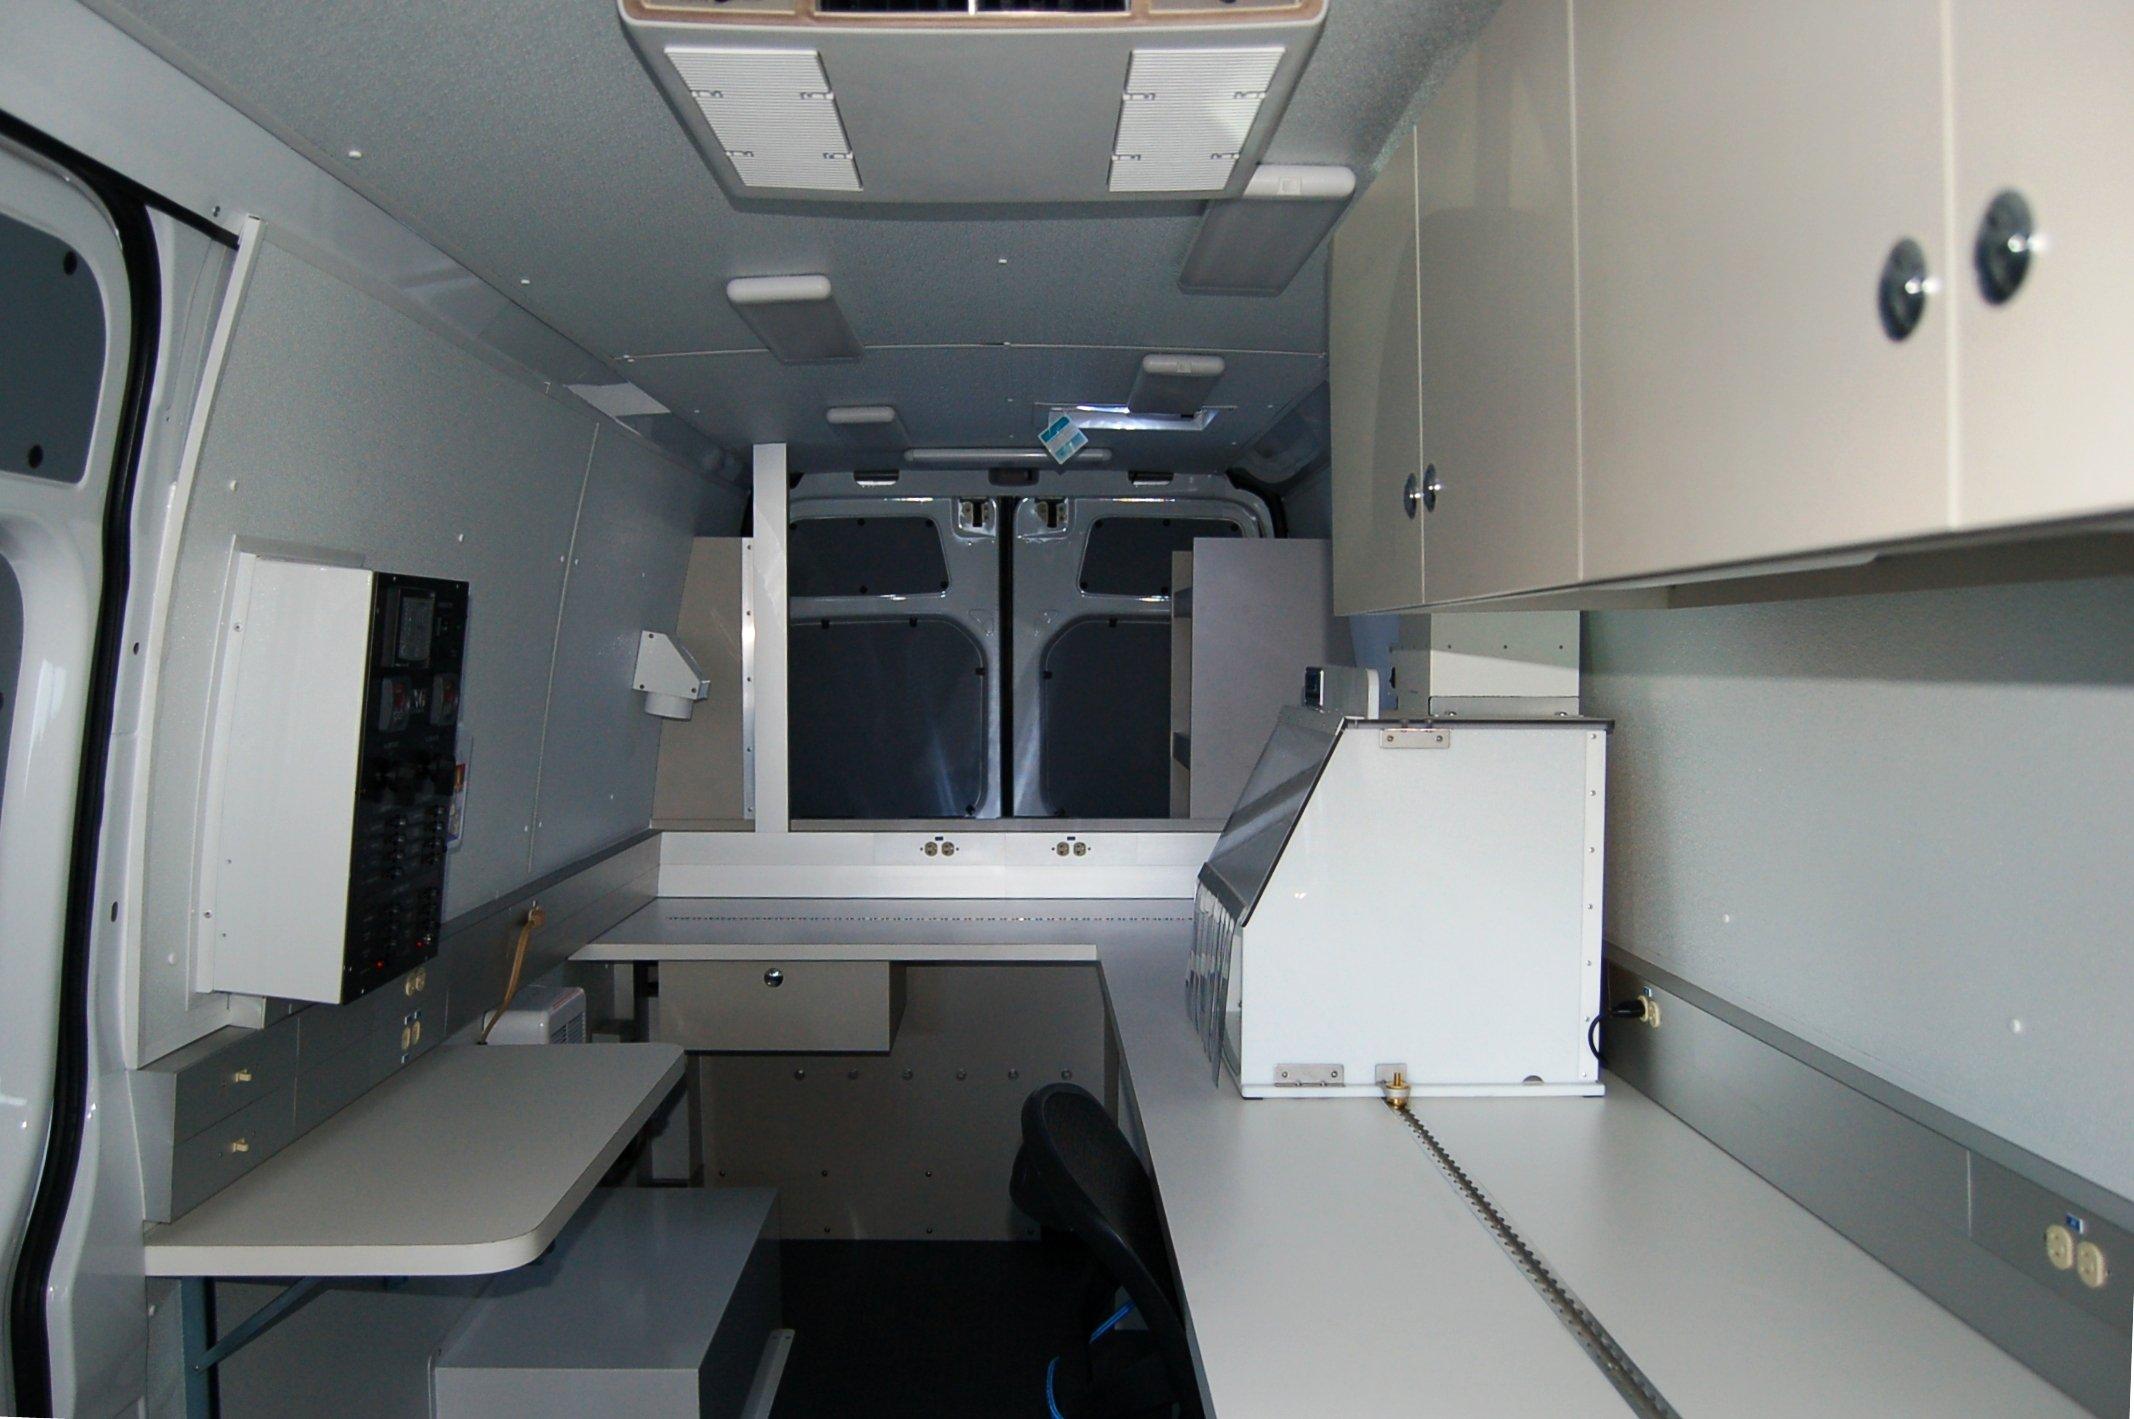 Mobile Laboratory 614D-01 Interior